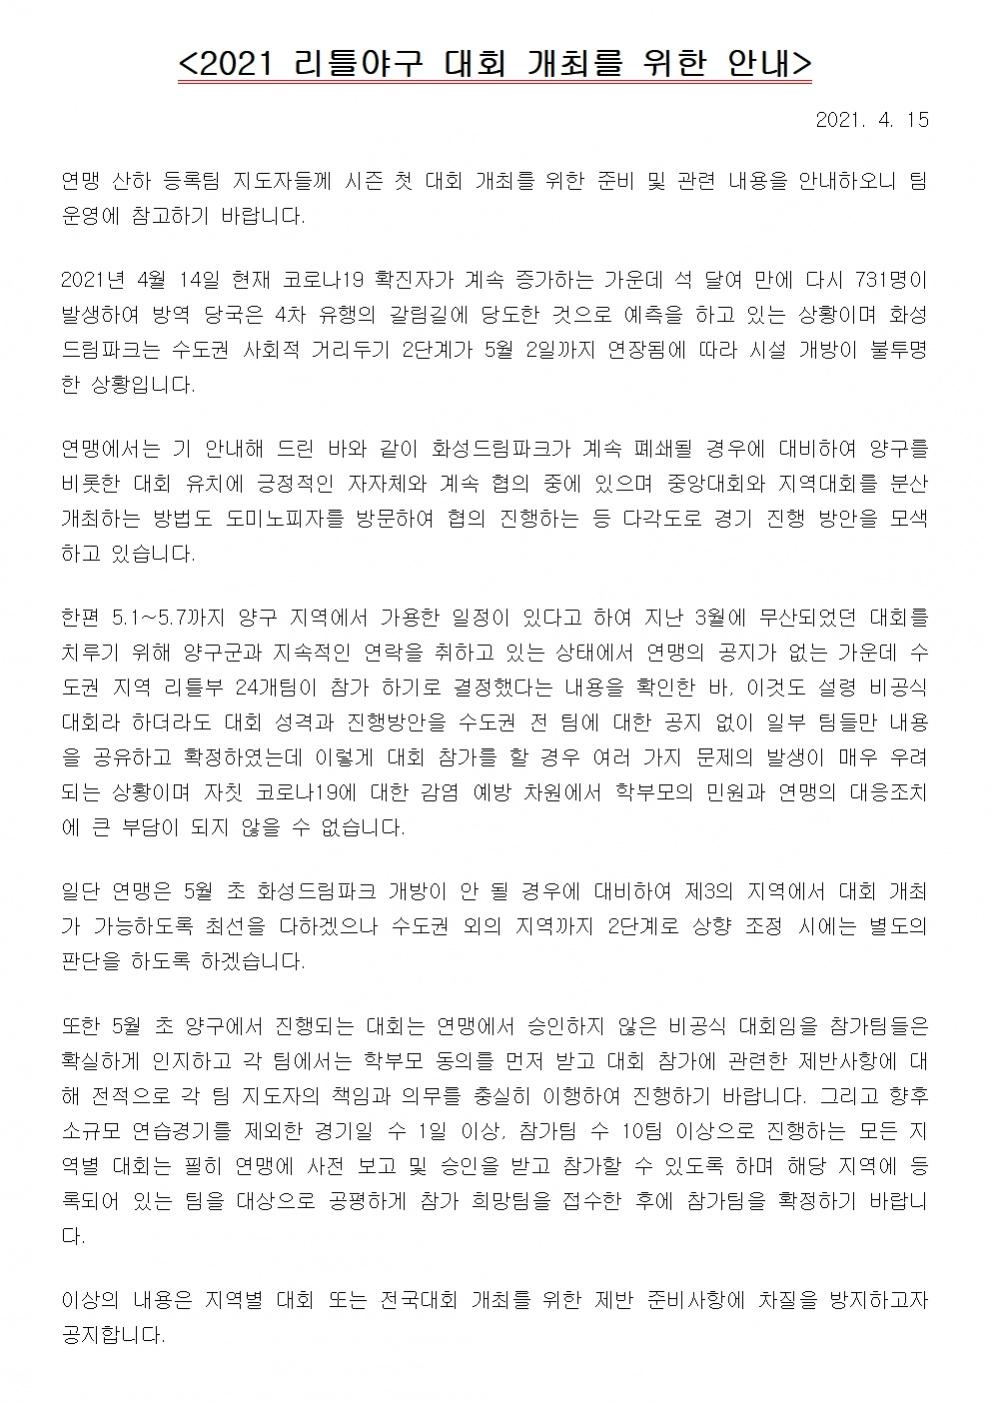 2021 리틀야구 시즌 첫 대회 개최를 위한 안내001.jpg